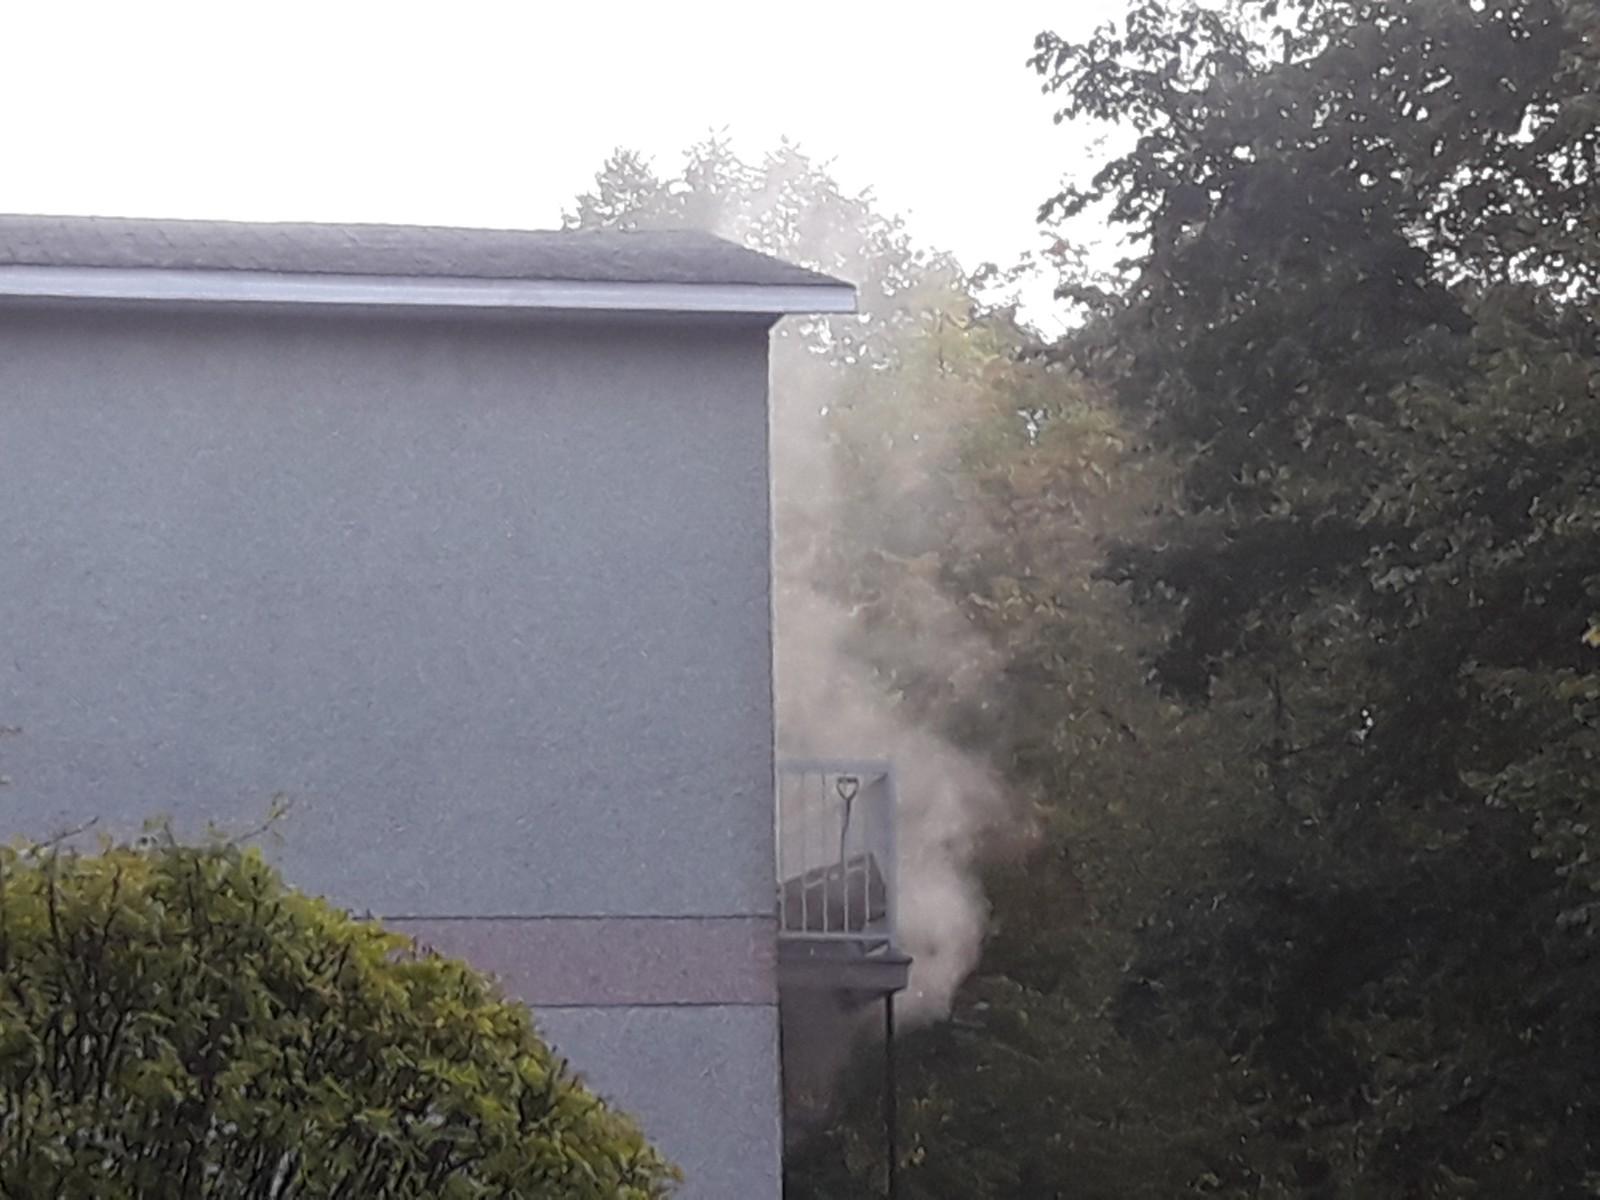 incendie suspect, Joliette, rue Archambault